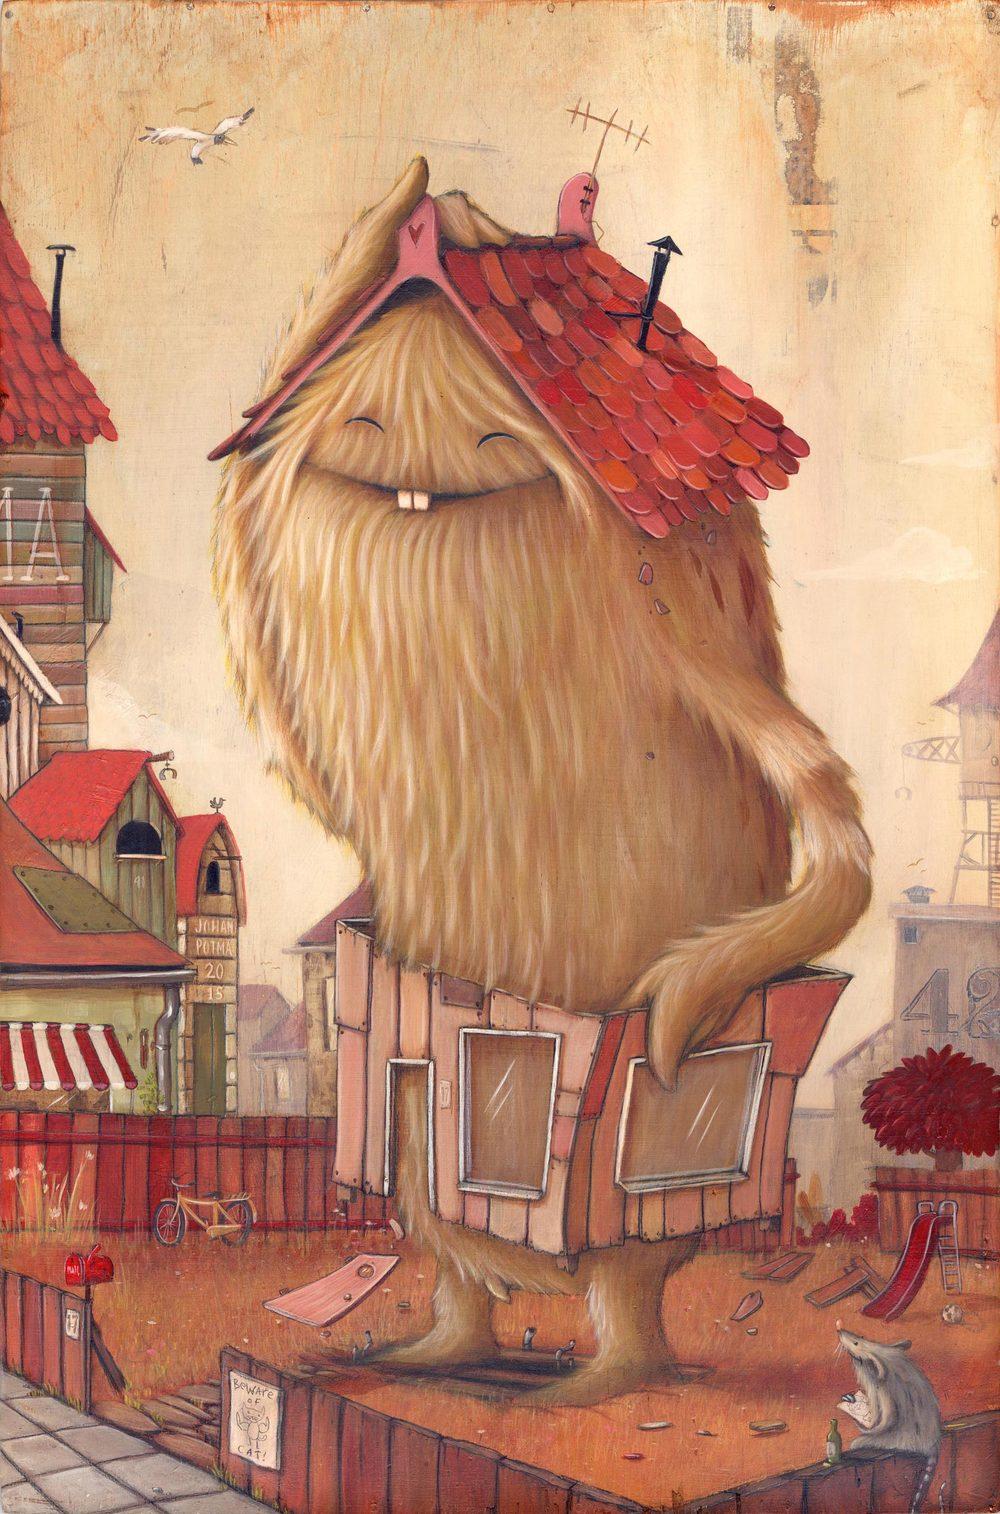 There Goes the Neighbourhood by Johan Potma